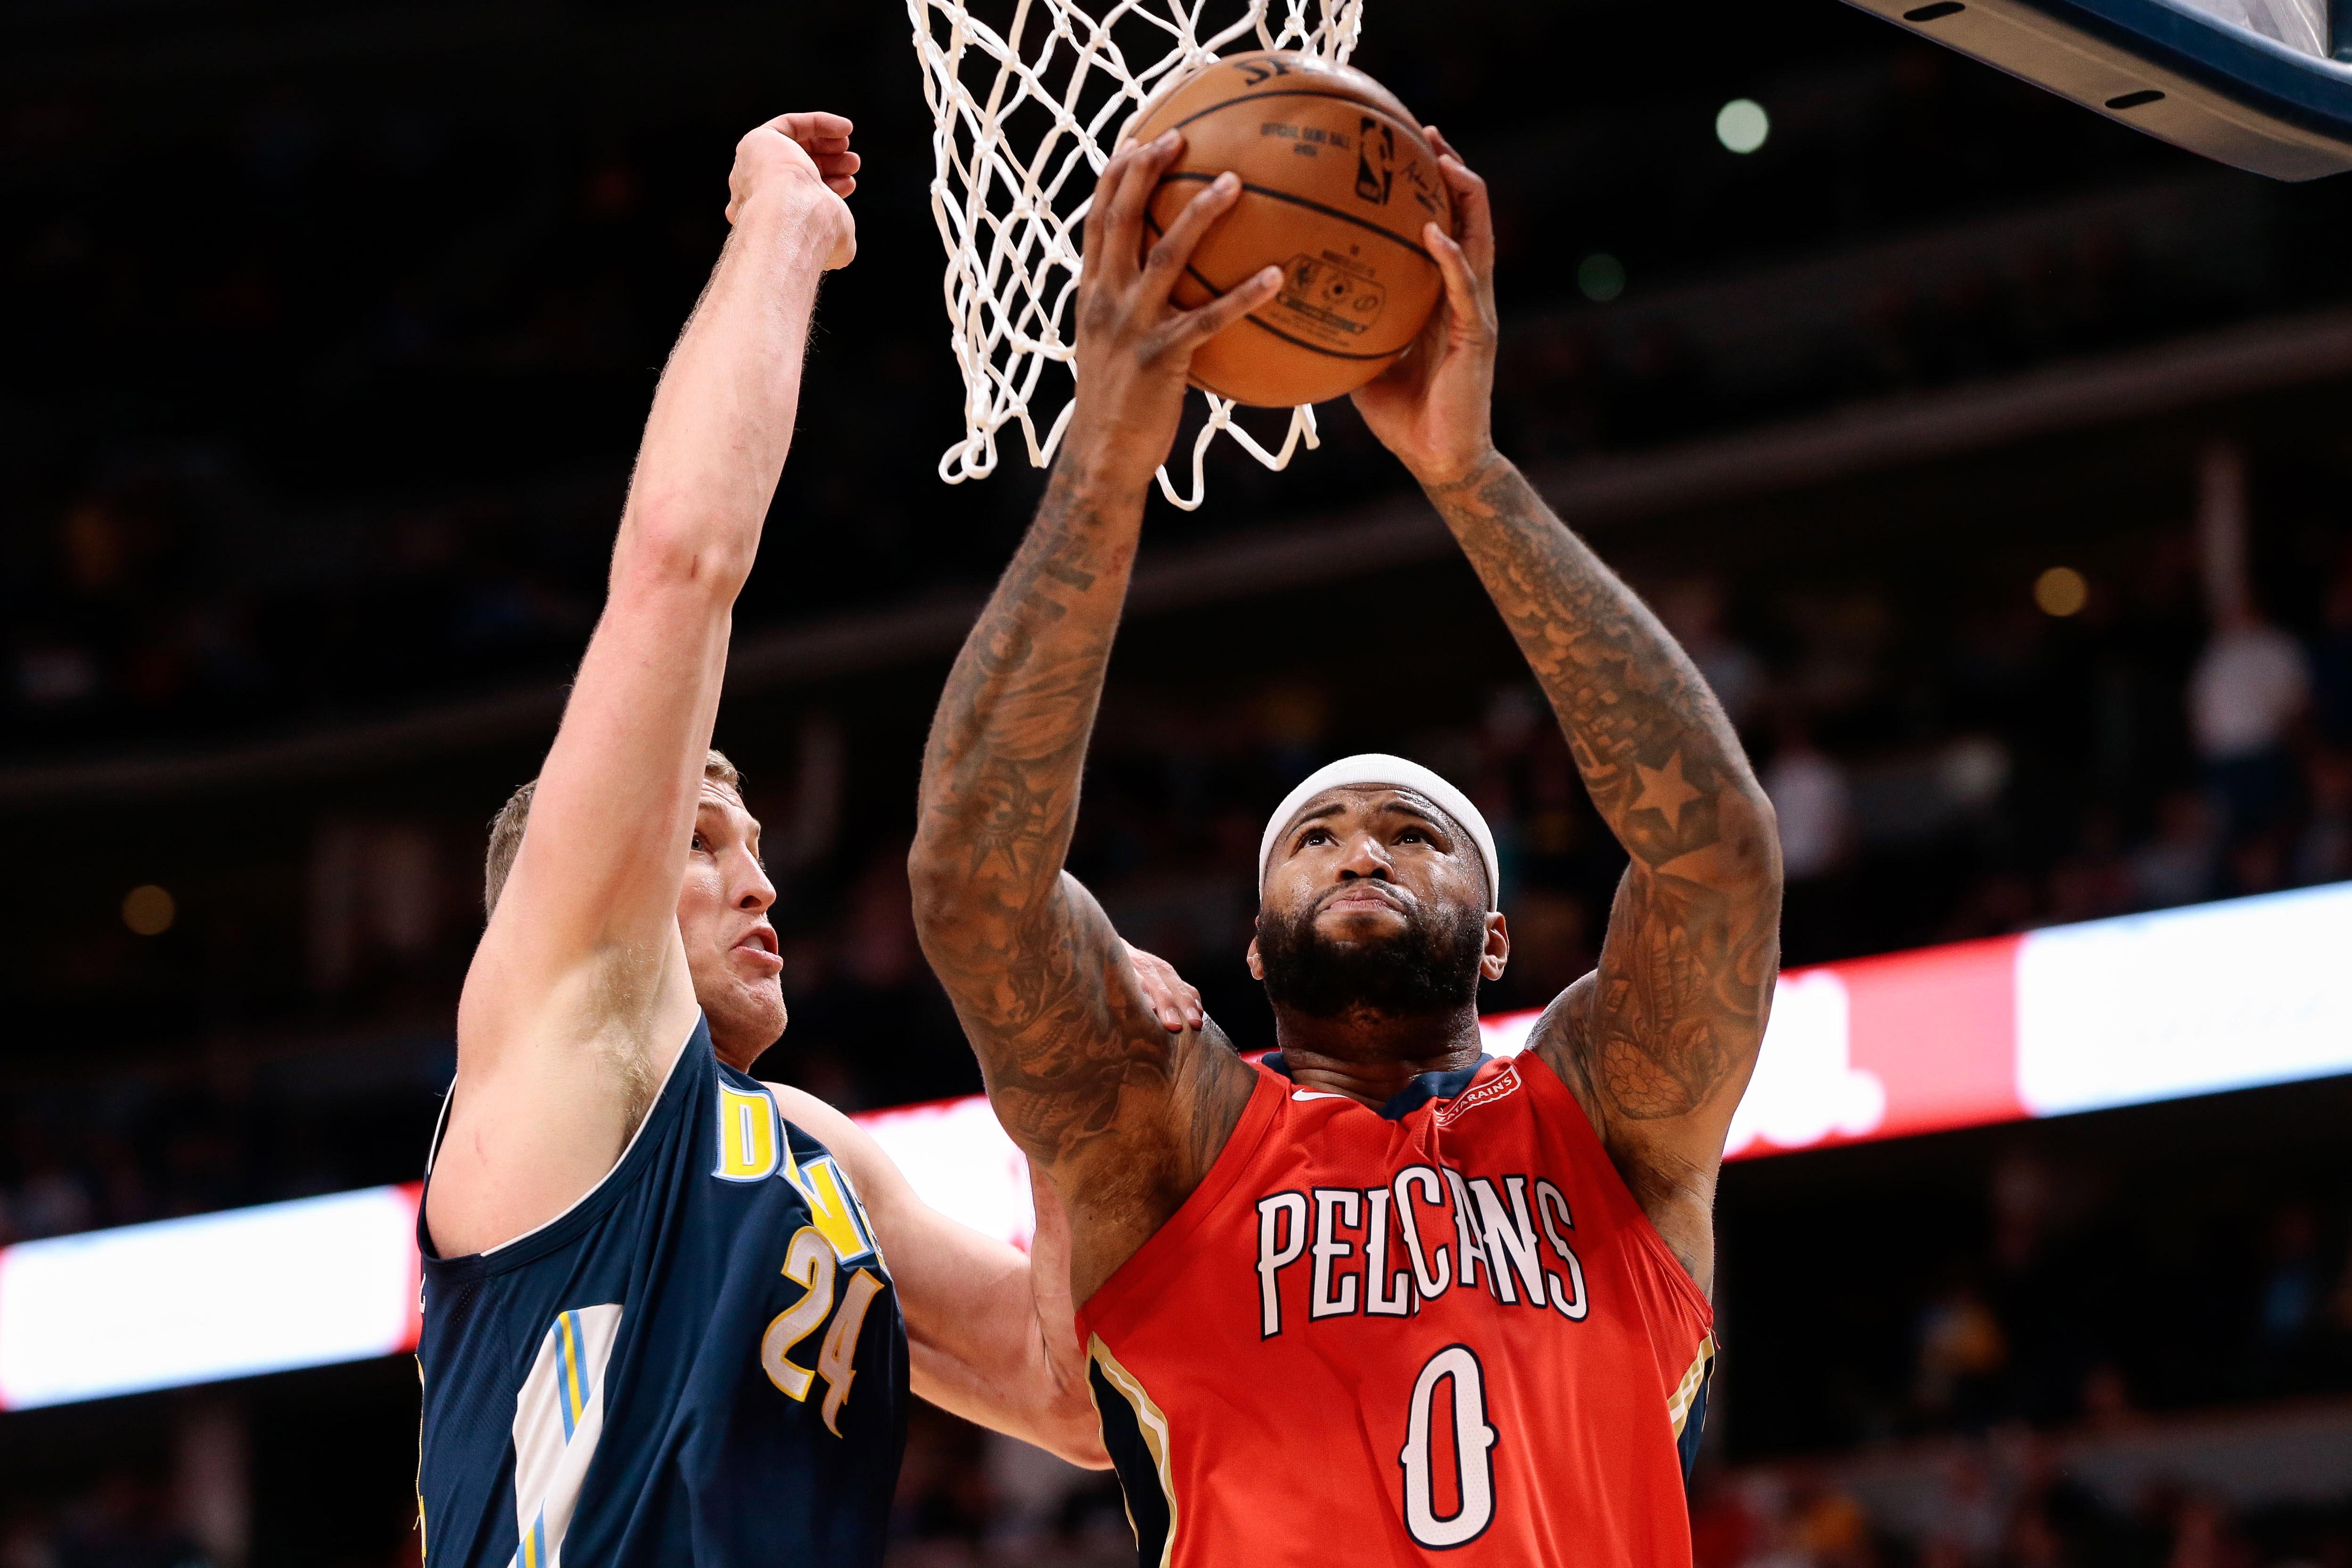 TSC #123 Pelicans Post Game Report Pells VS Nuggets 3 Recap & More